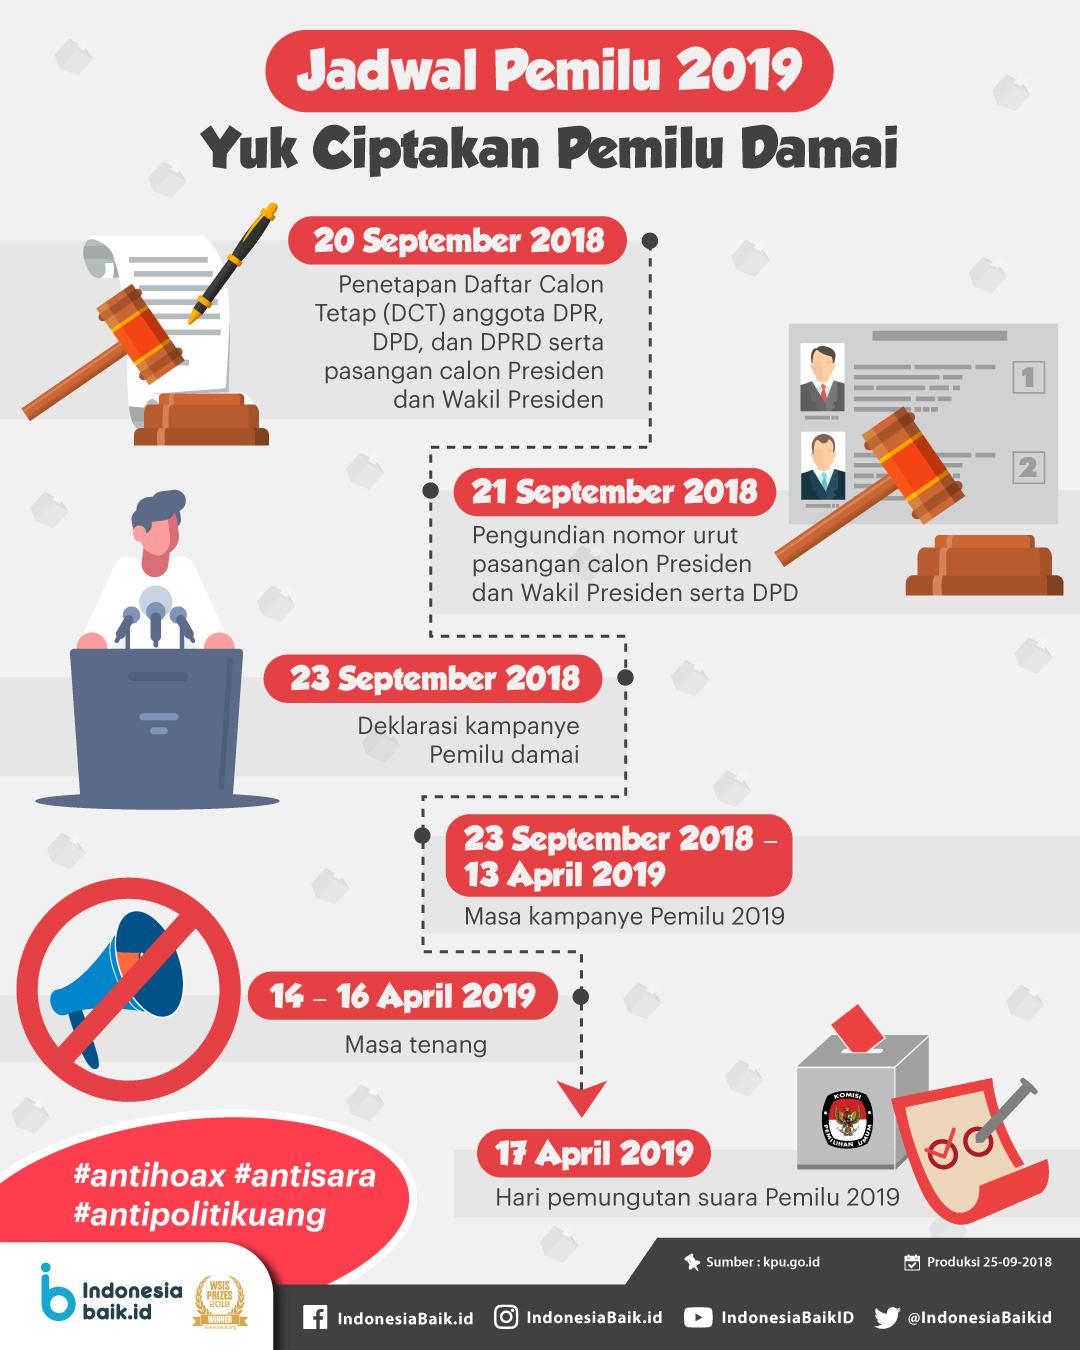 Jadwal Pemilu 2019, Yuk Ciptakan Pemilu Damai!